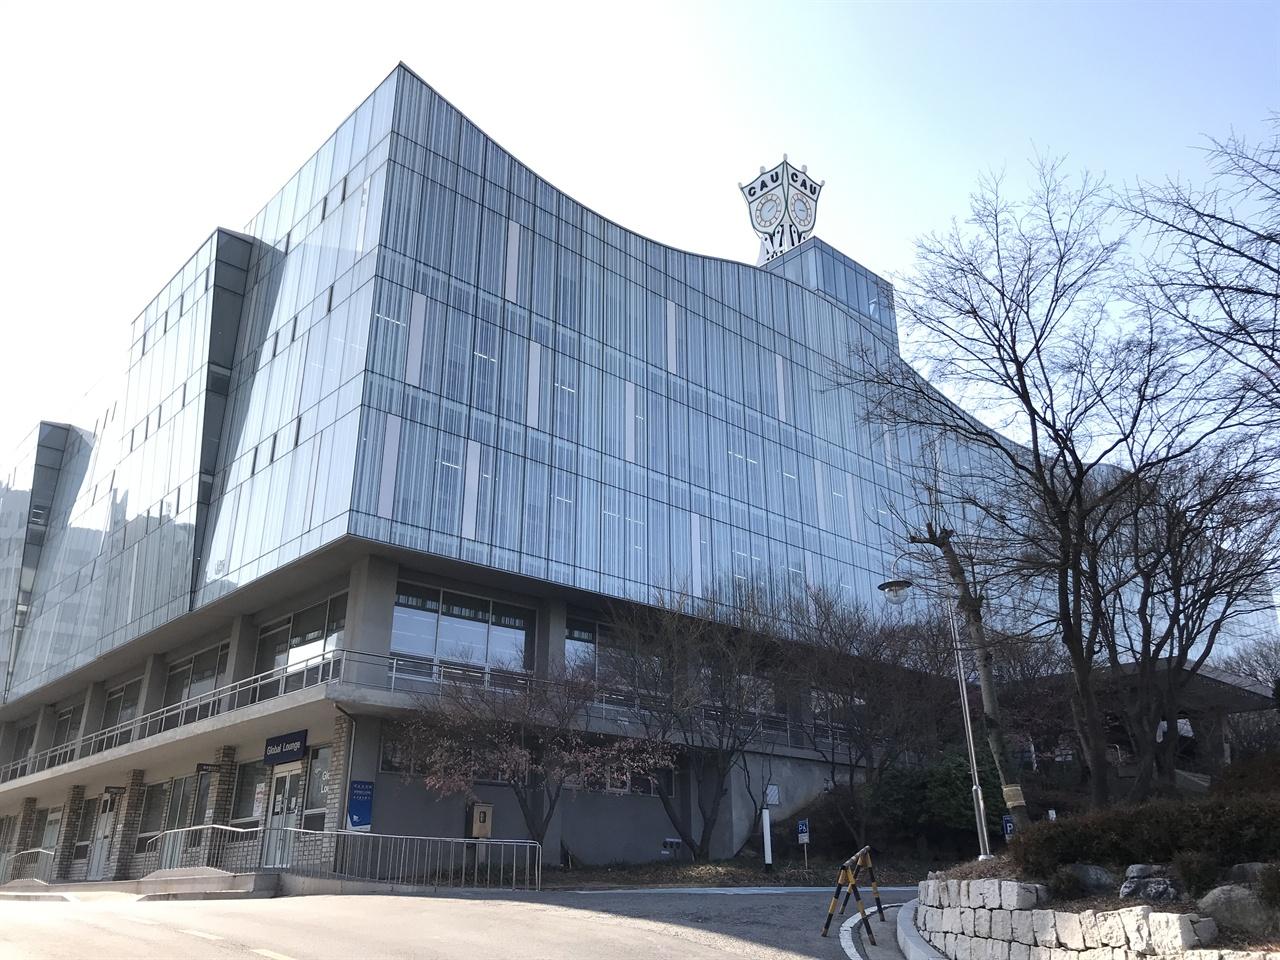 중앙대학교 학술정보원 중앙대학교 중앙도서관은 2009년 건축가이자 중앙대학교 교수인 김인철에 의해 현대적으로 리모델링됐다. 김인철 교수는 도서관 상부 외벽을 커튼월 방식으로 처리했다. 2014년부터는 '학술정보원'으로 이름을 바꿨다.